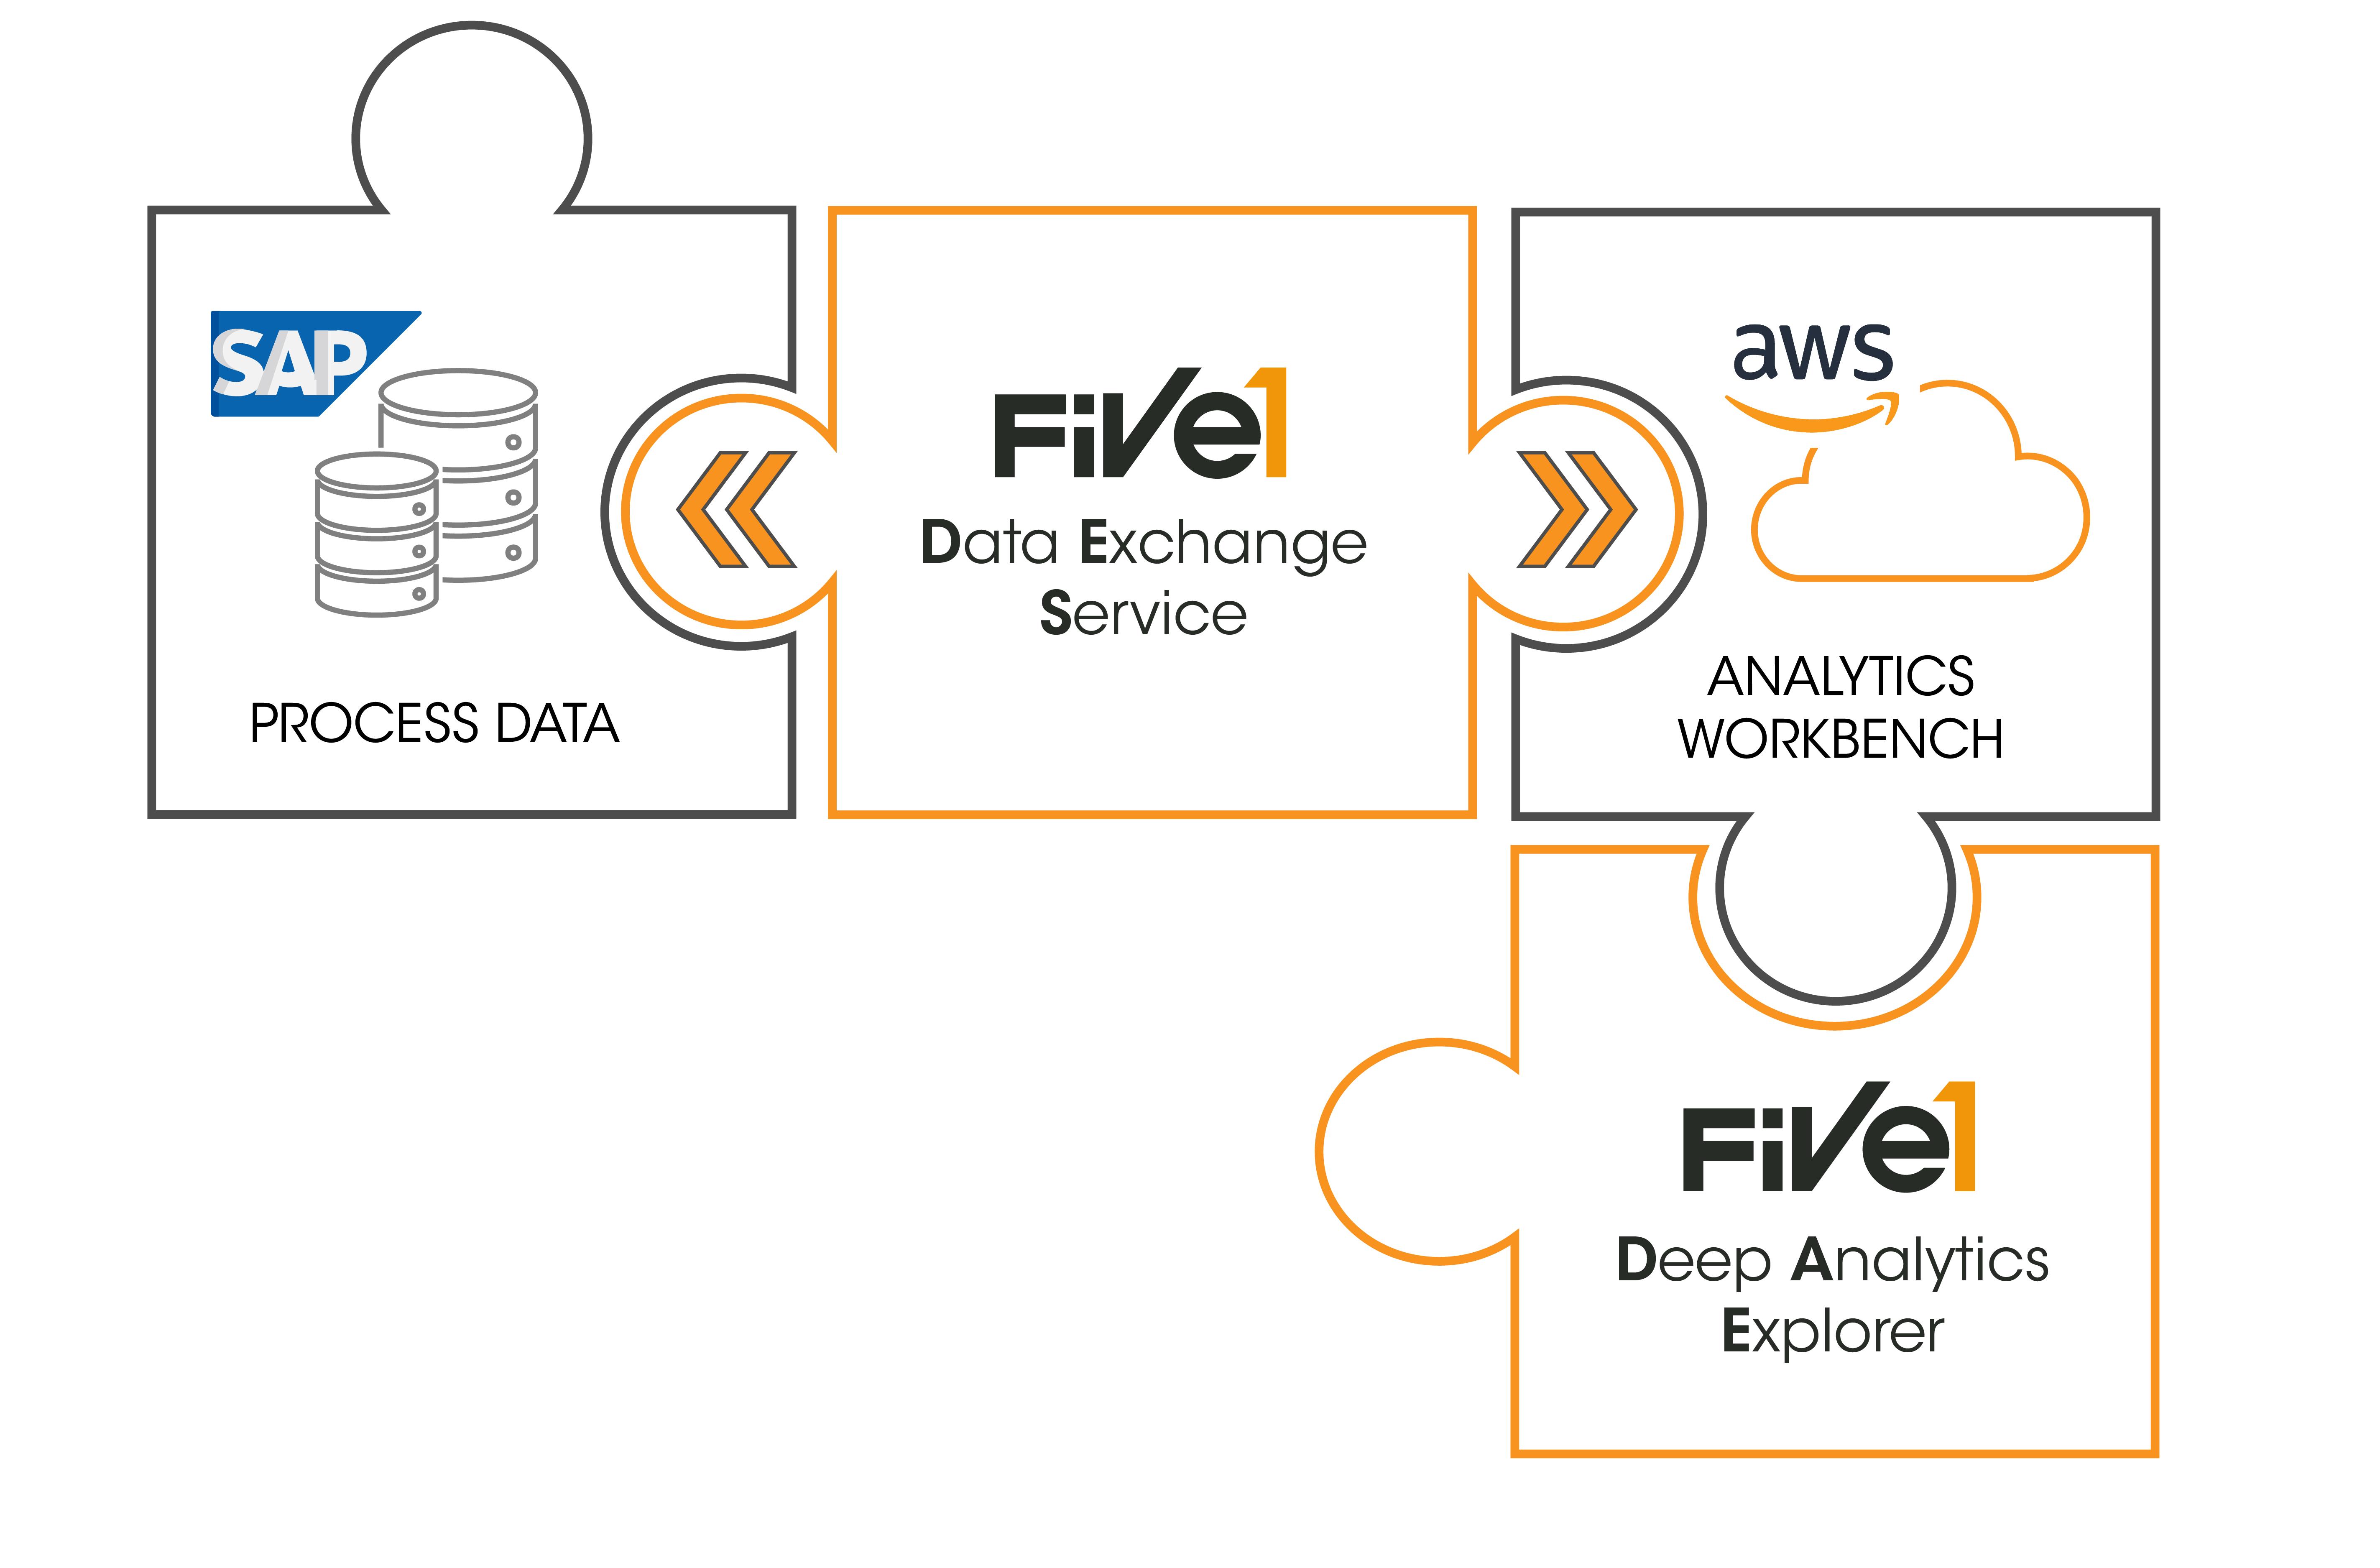 Impact Analyse mit Five1 und AWS